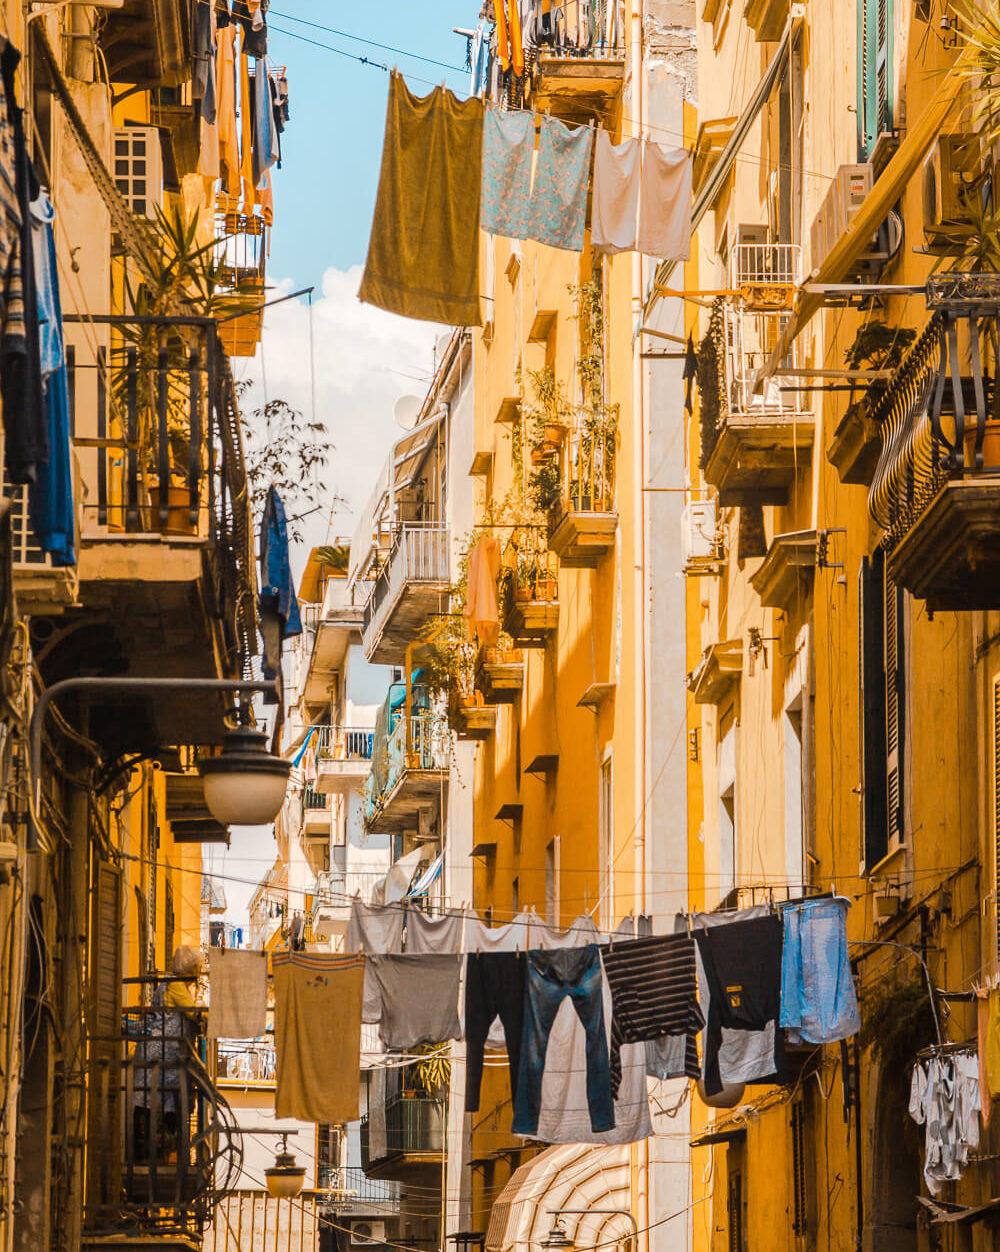 Neapel, die schönsten Italienischen Städte